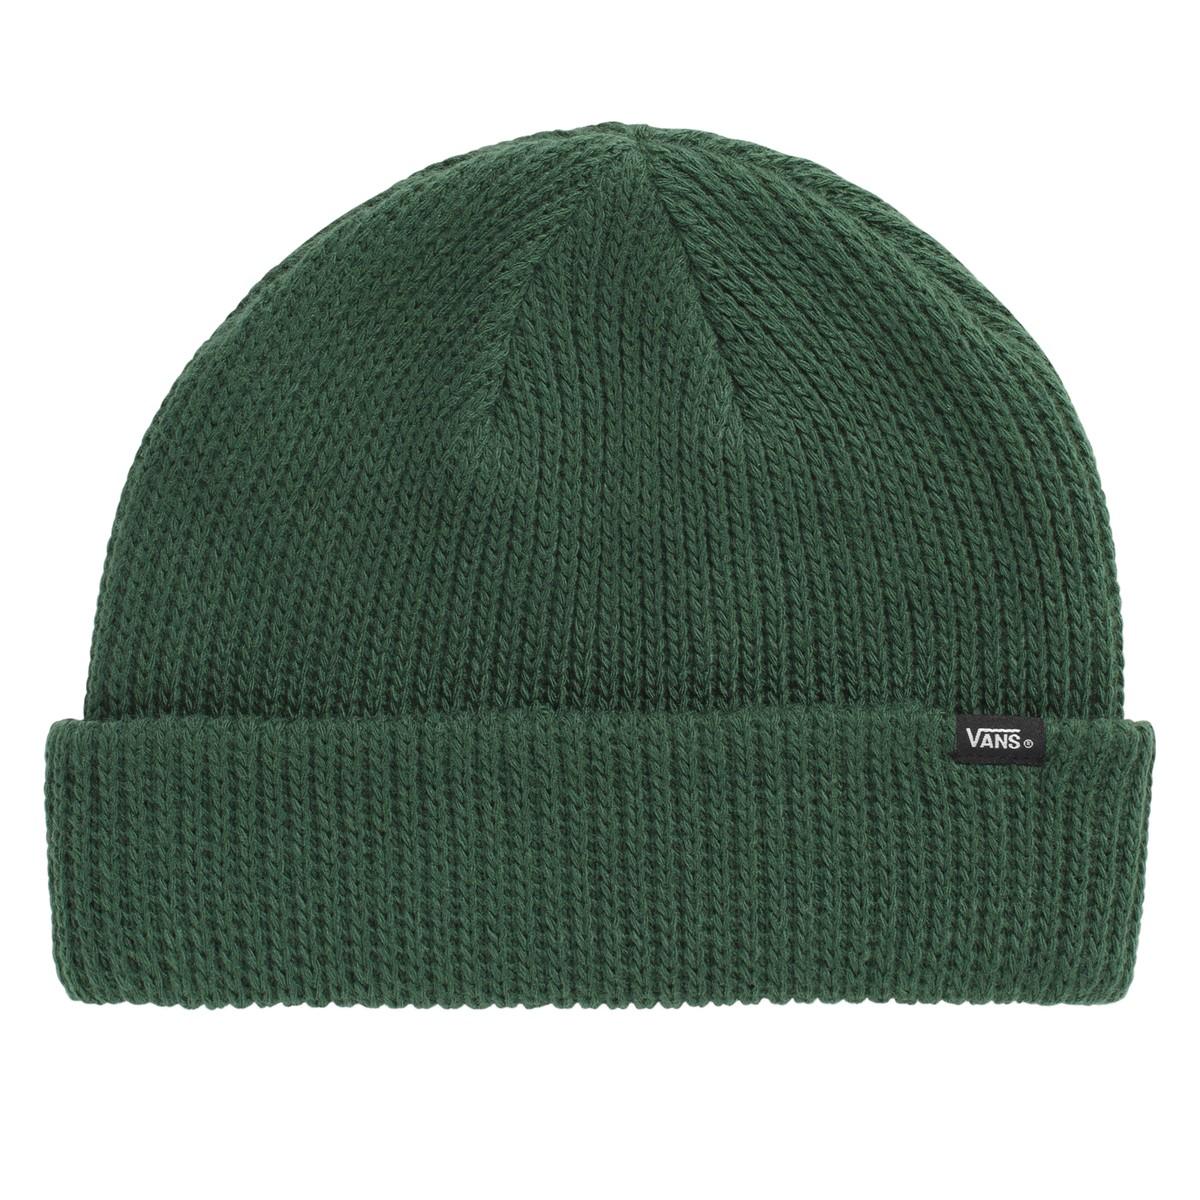 Core Basics Beanie in Green